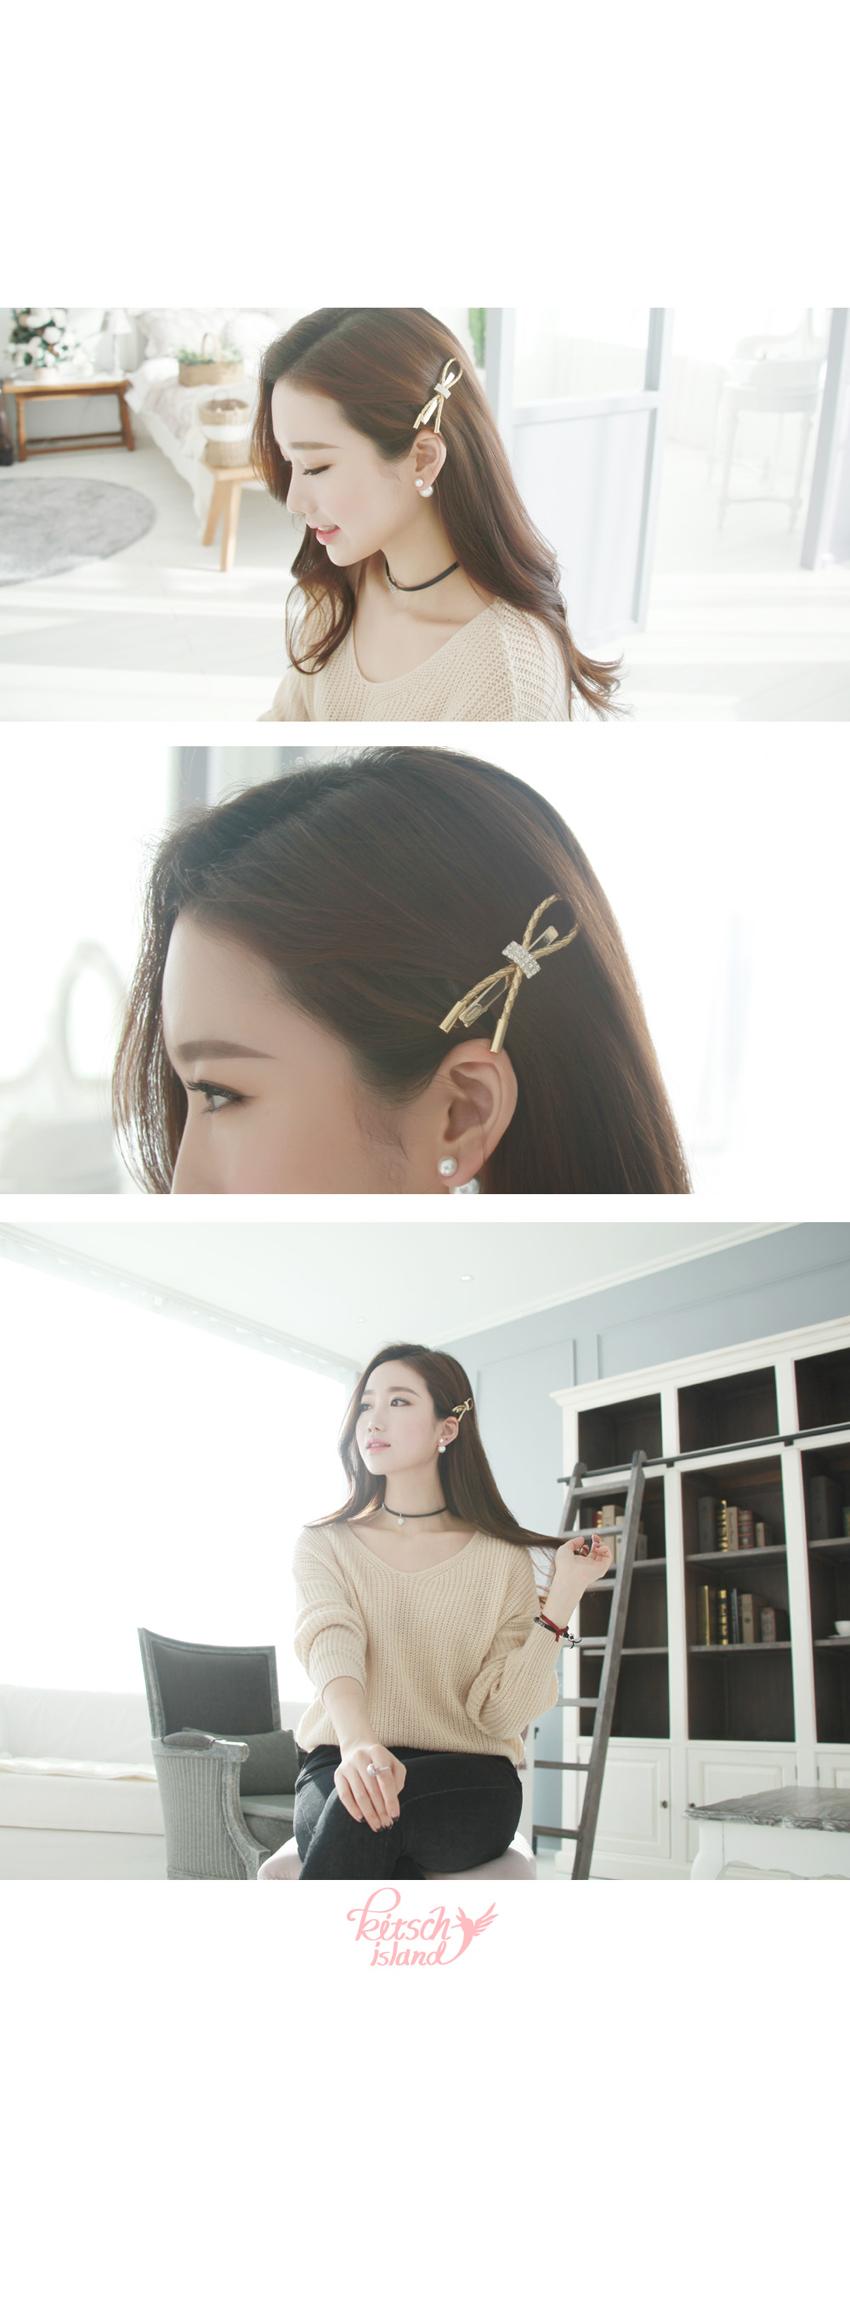 adela 머리핀 머리끈 - 키치아일랜드, 11,500원, 헤어핀/밴드/끈, 헤어핀/끈